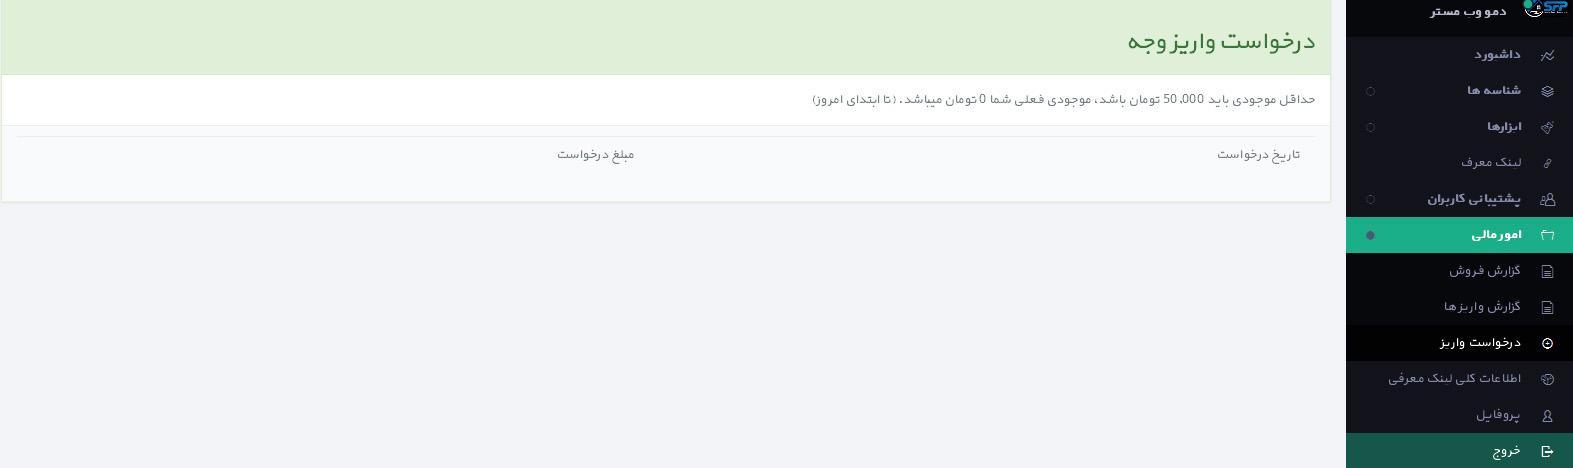 SFP_Reseller_Finance_ScreenShot